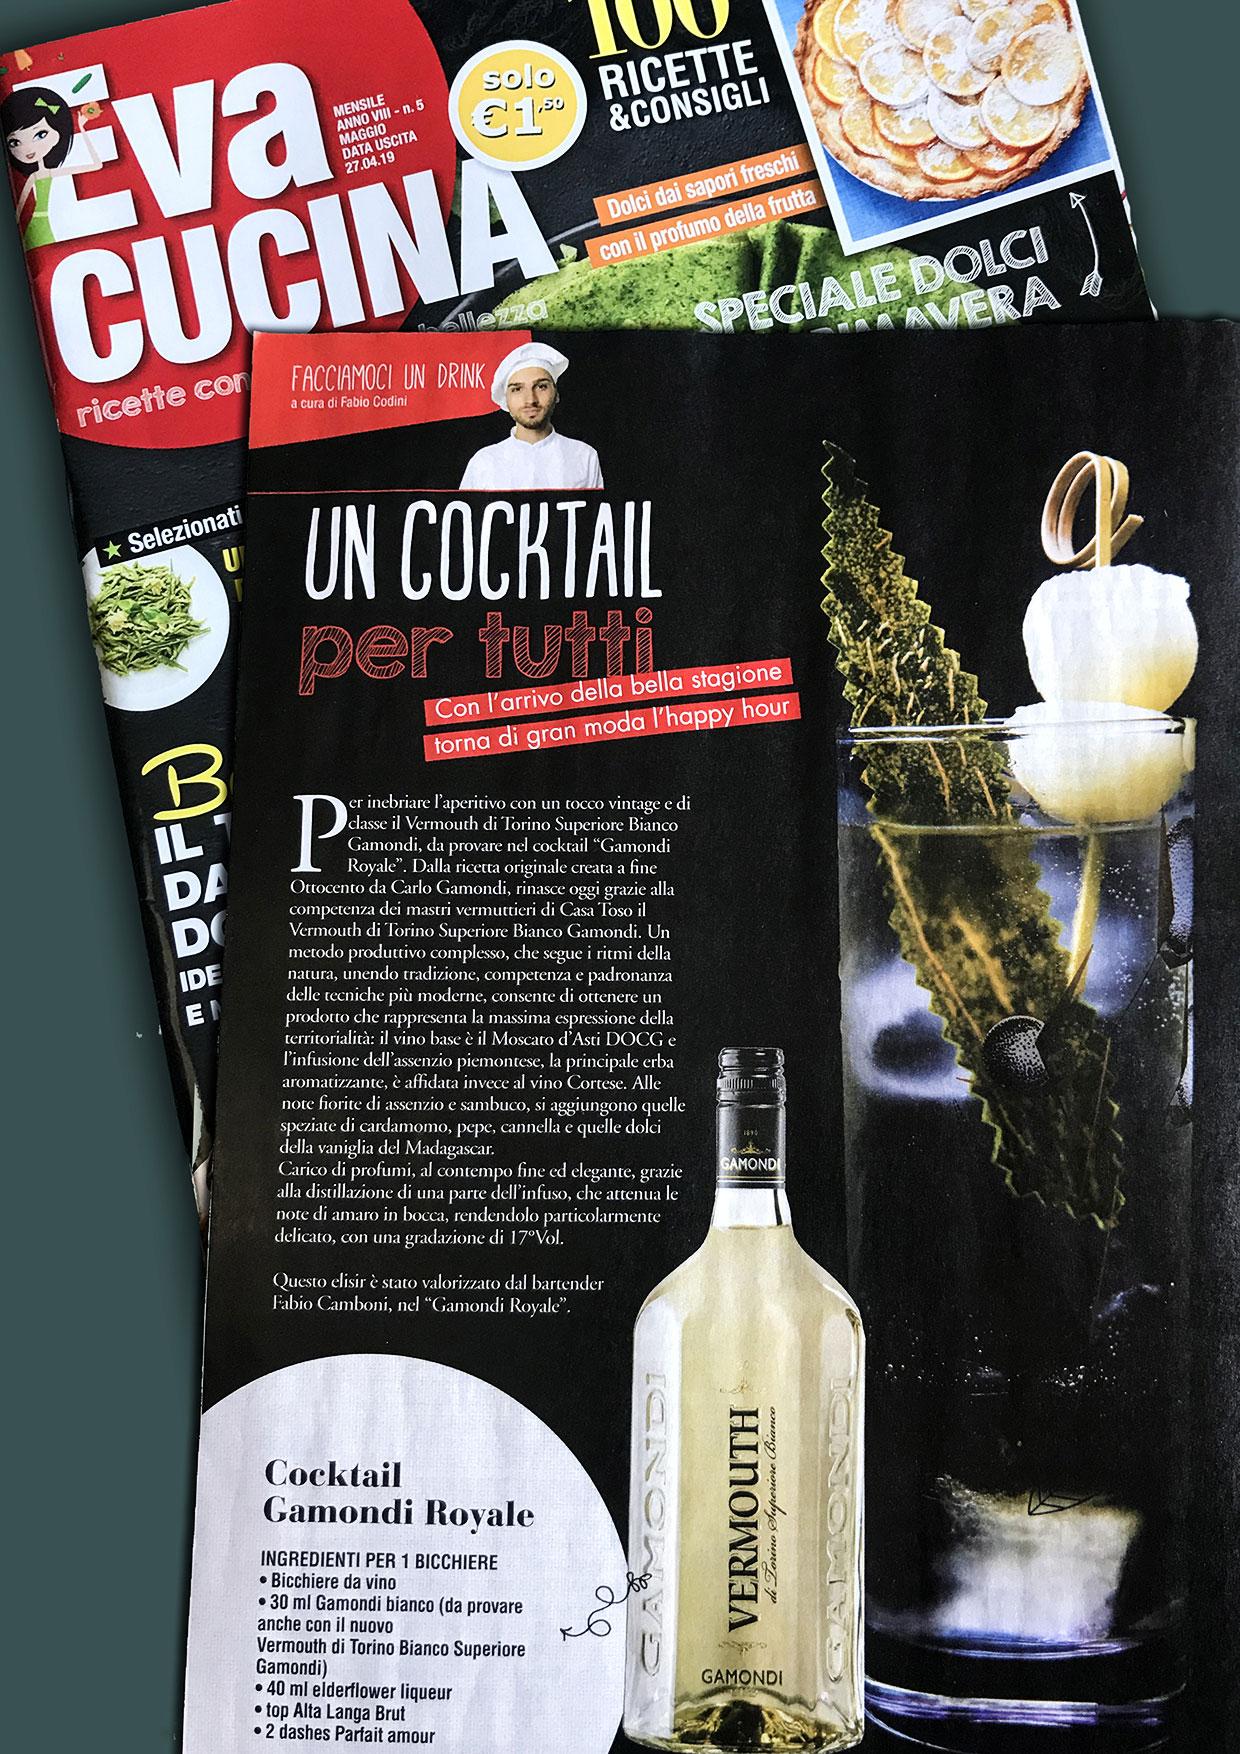 Eva_3000_cucina_fabio_camboni_cocktail